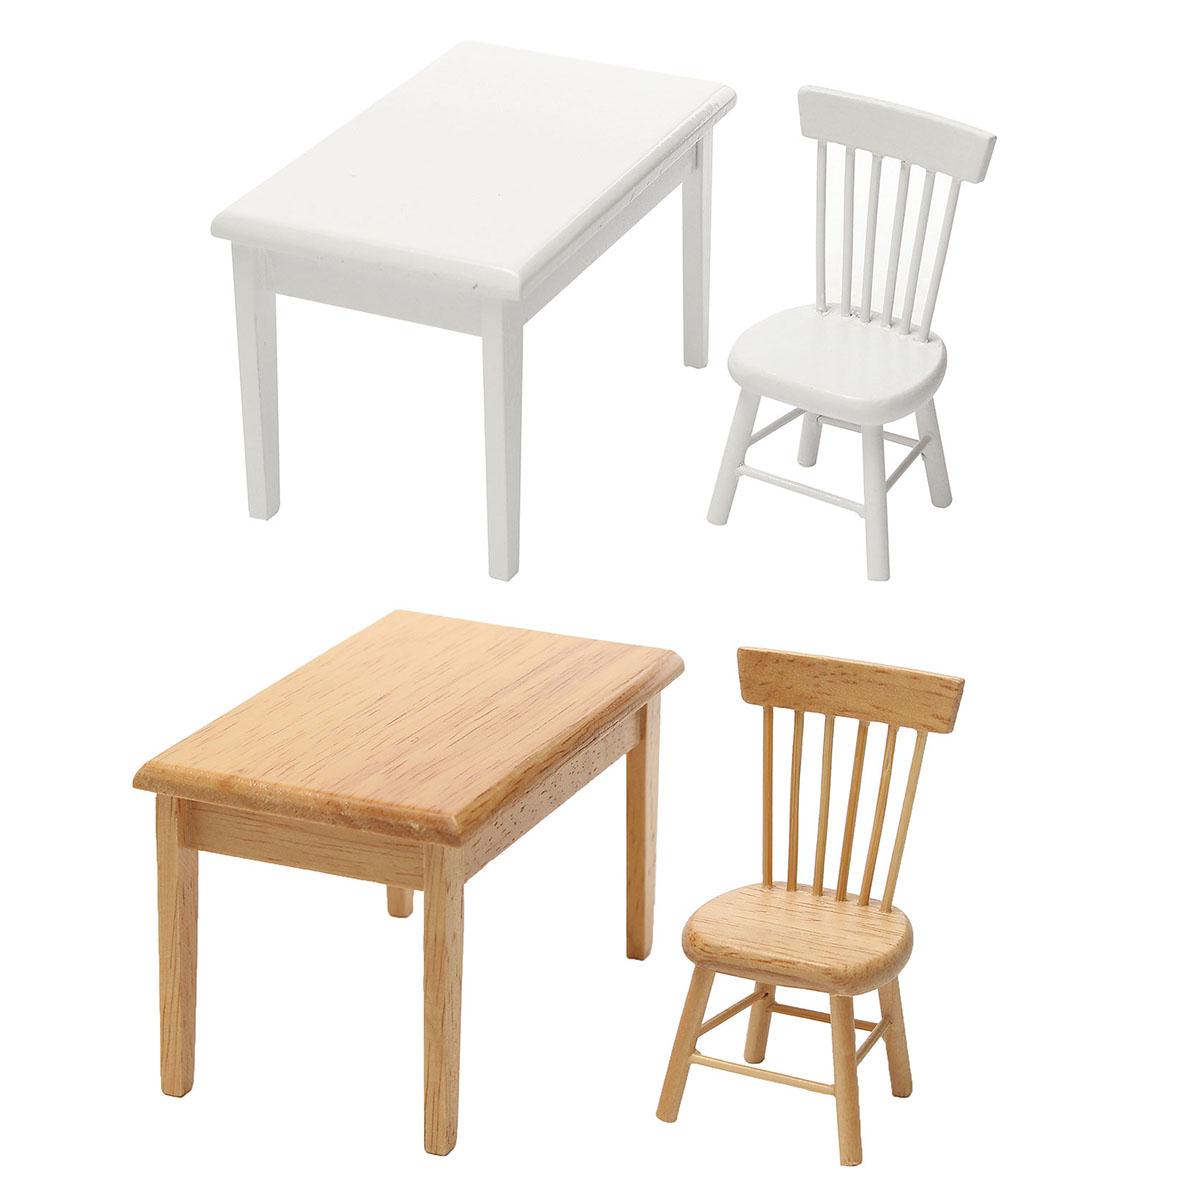 tempsa set de mini table chaise pour meuble de maison poup e couleur de bois achat vente. Black Bedroom Furniture Sets. Home Design Ideas